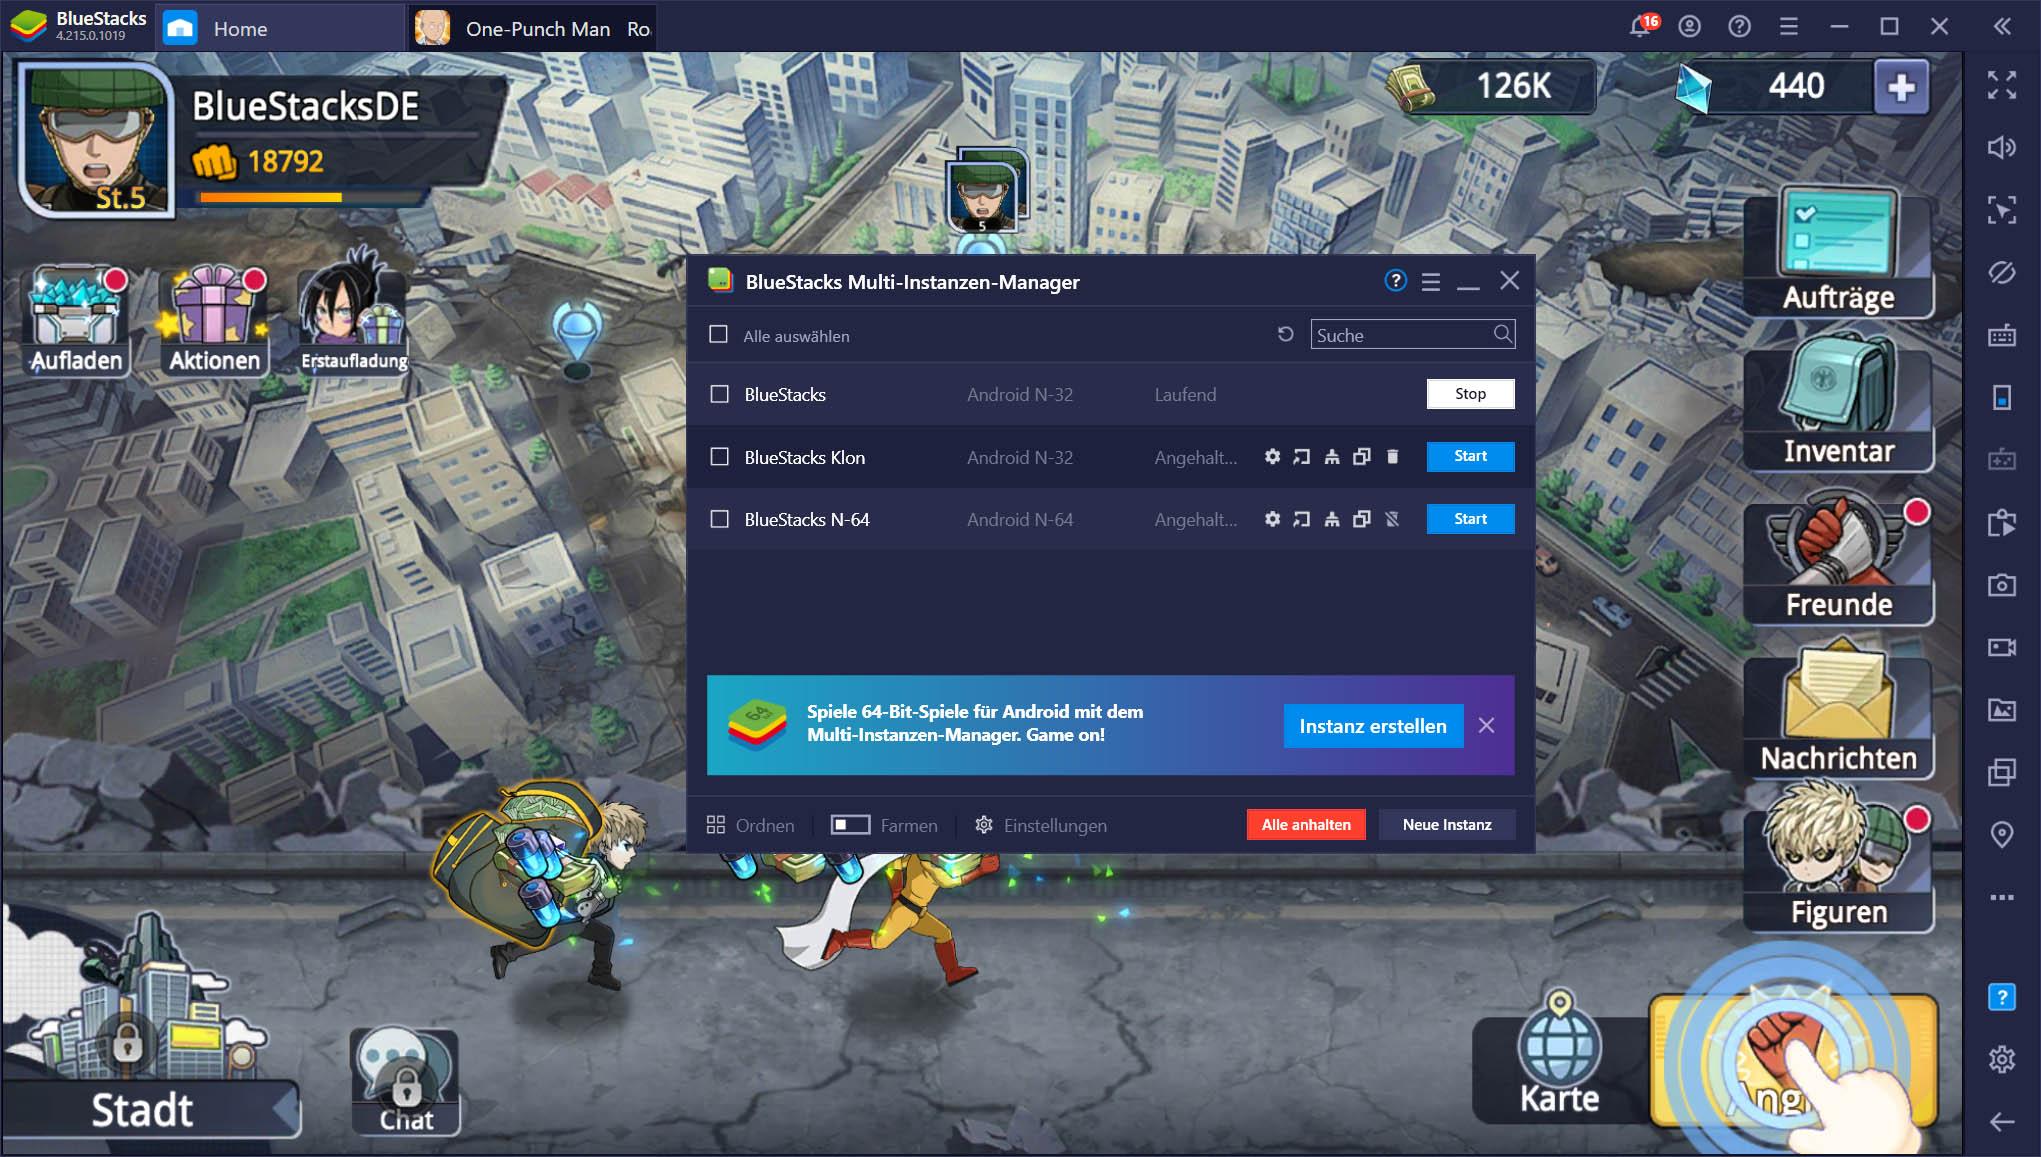 One Punch Man: Road to Hero 2.0 – So installierst und spielst du es auf deinem PC mit BlueStacks